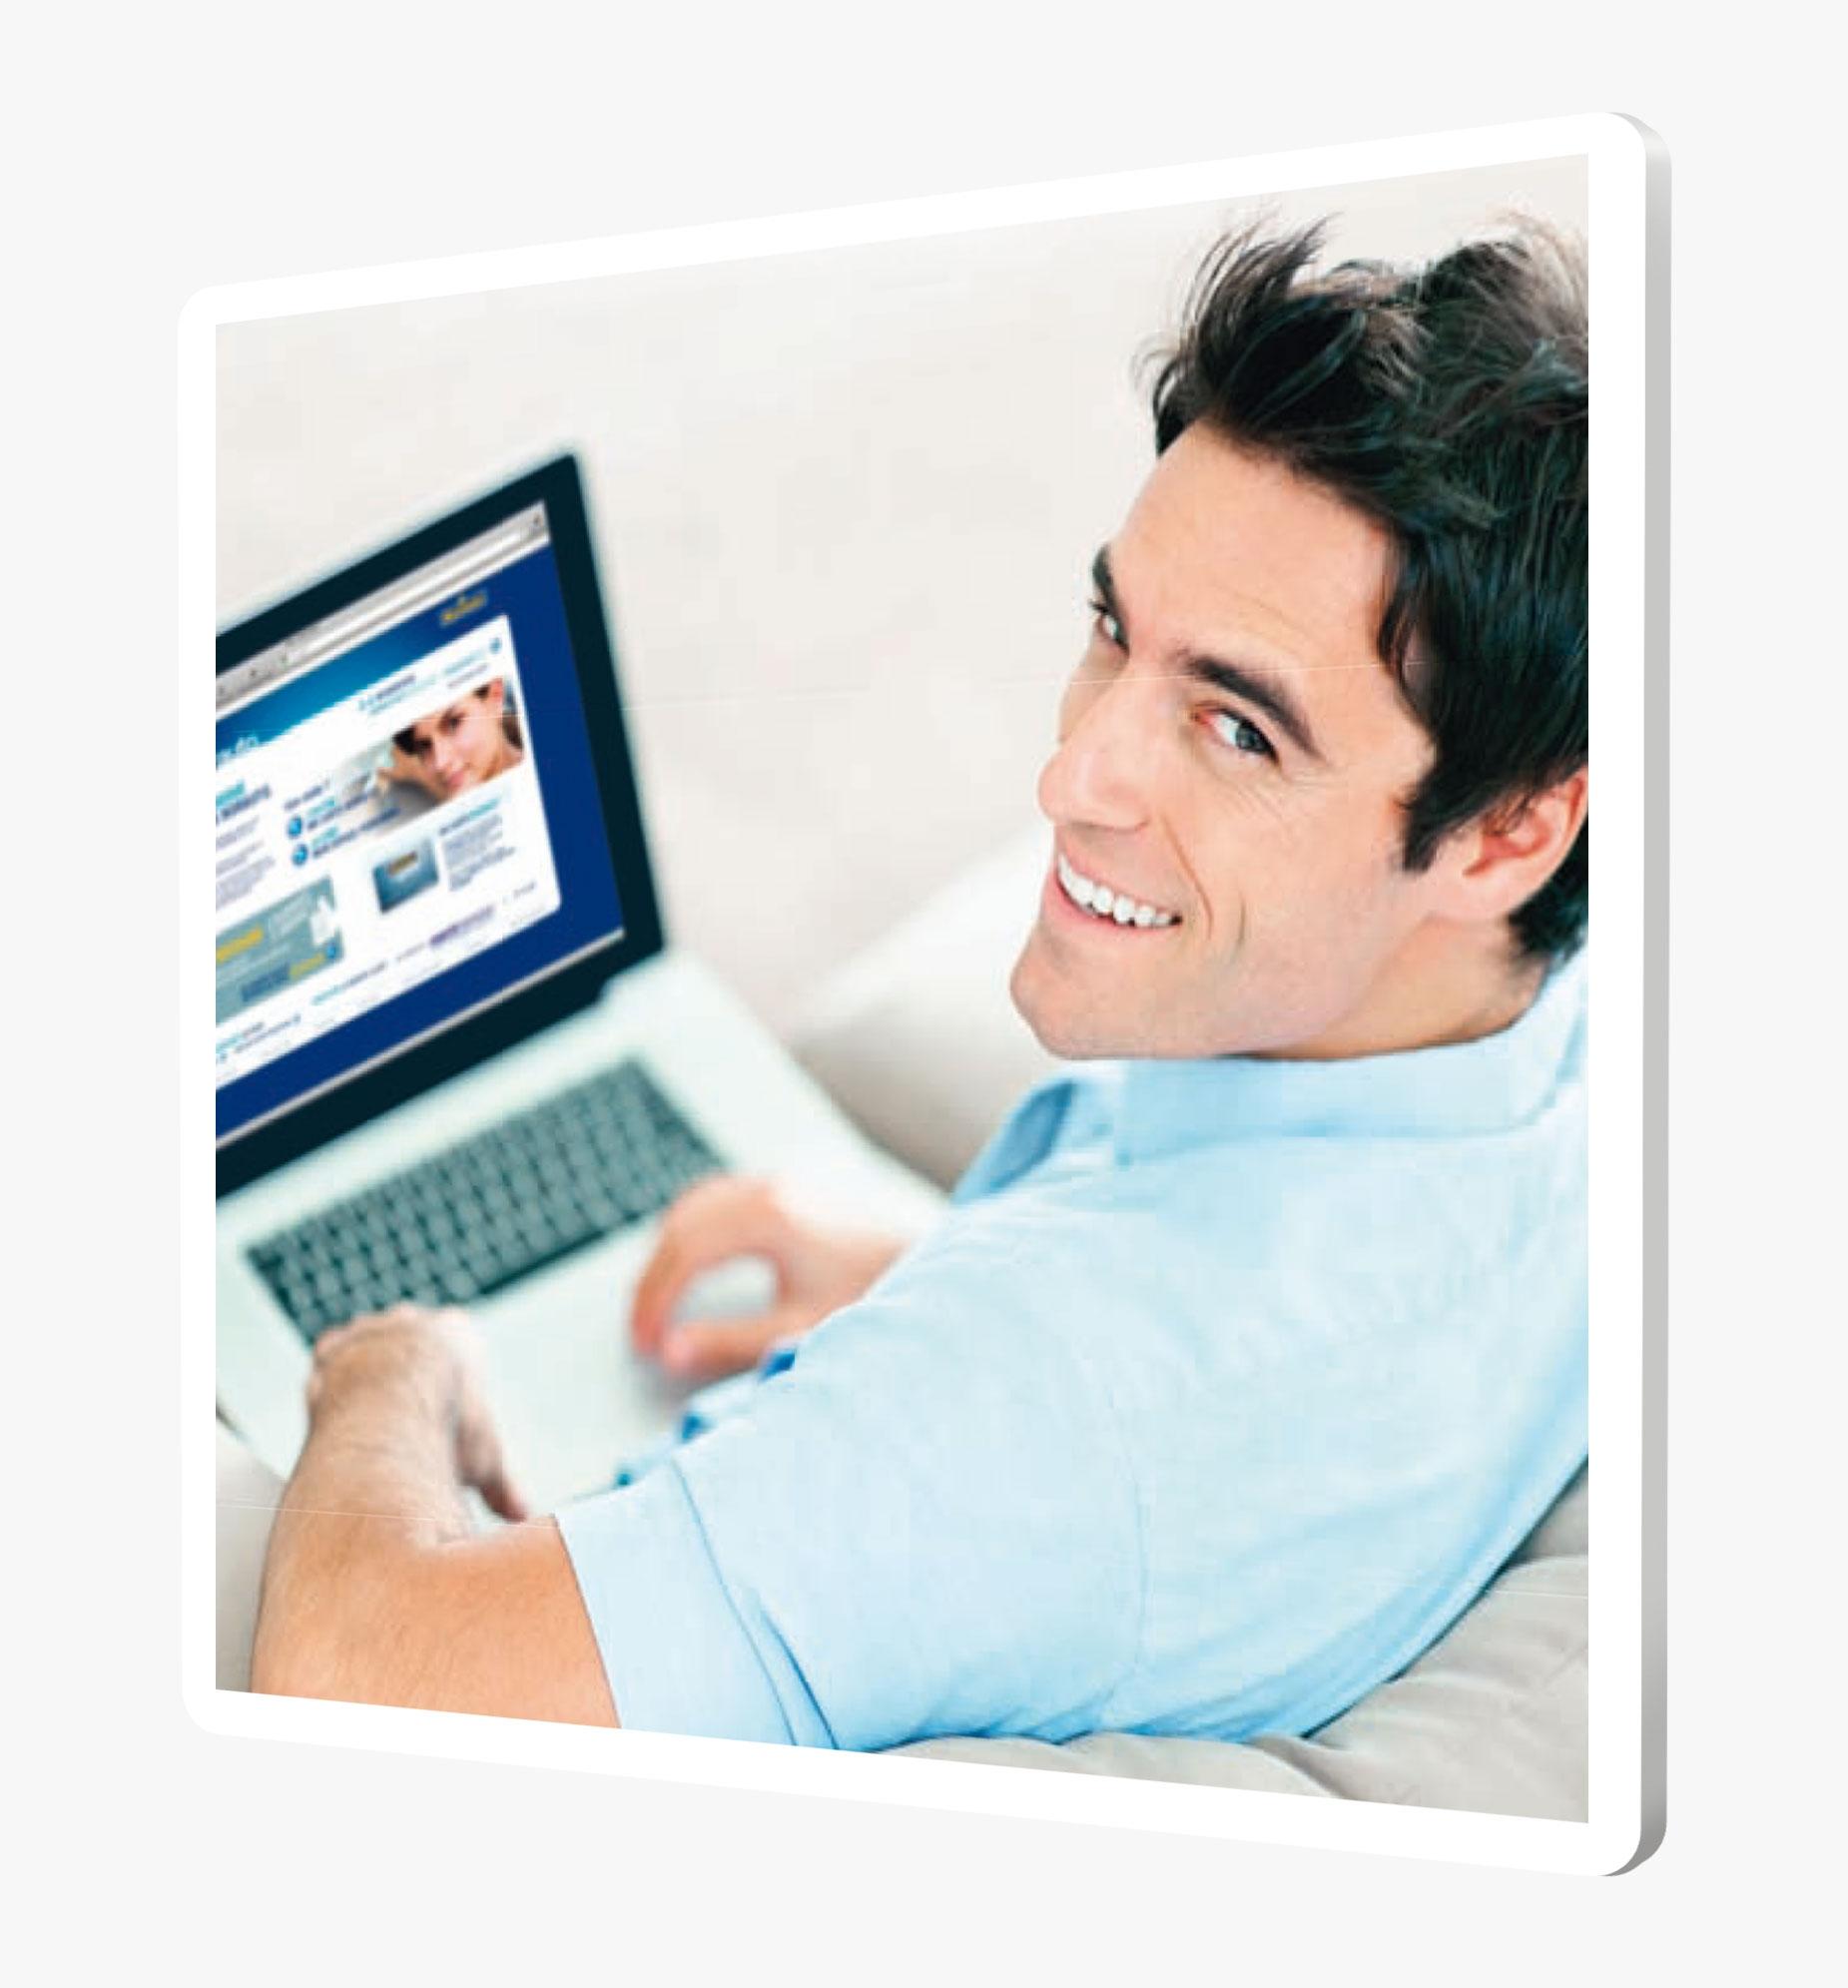 NI:/client-pc-portable.JPG